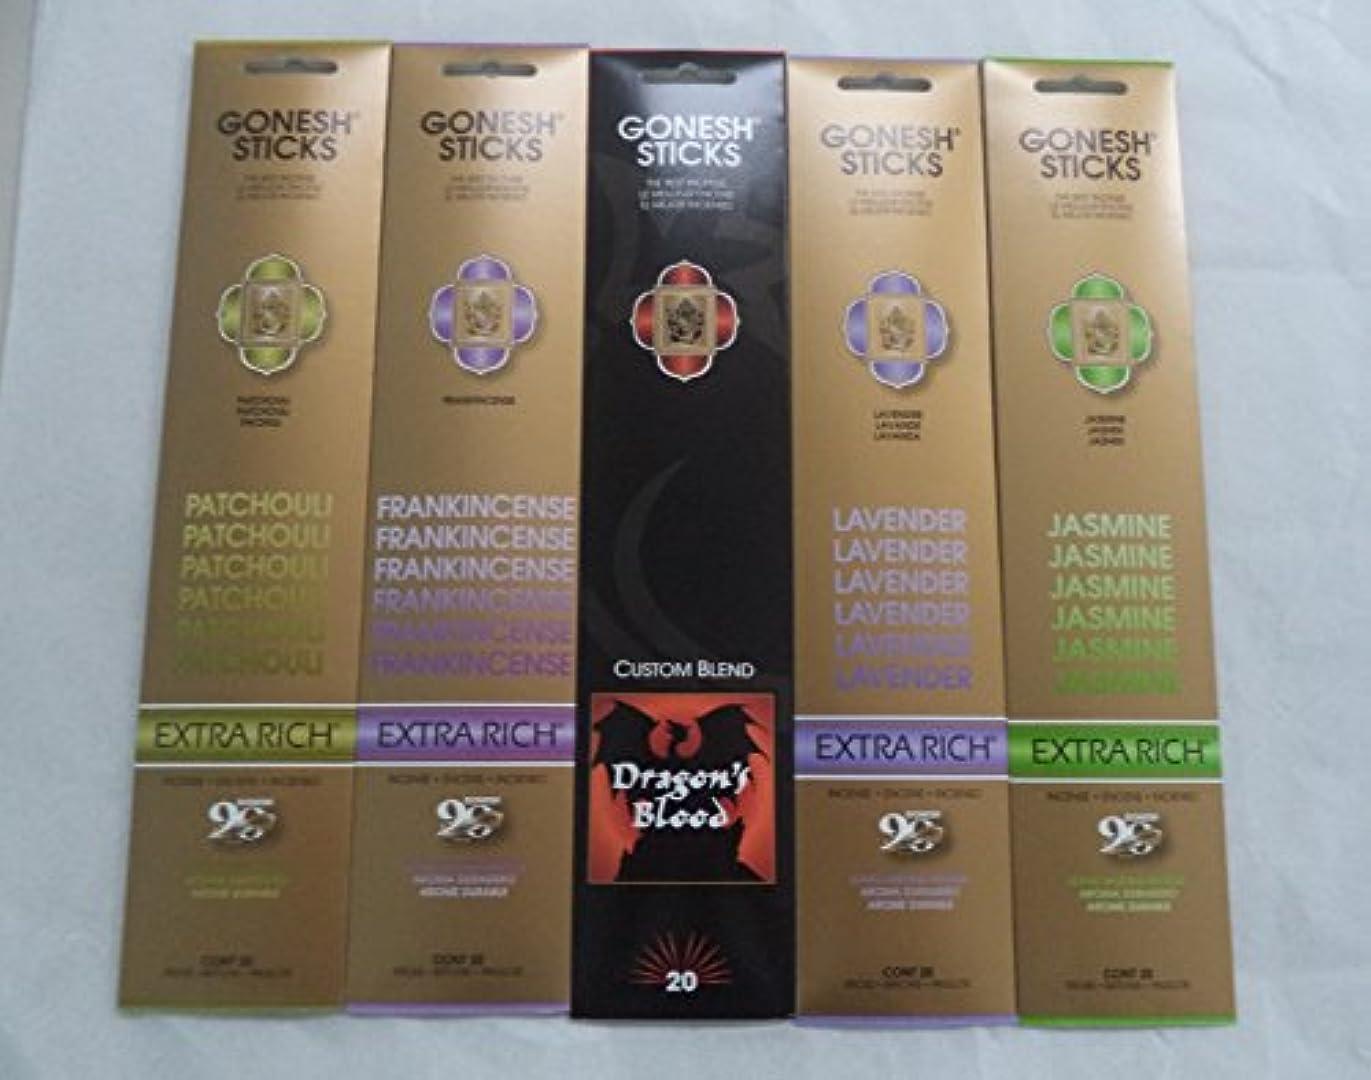 に対応メロディアス来てGonesh Incense Stick Best SellerコンボVariety Set # 1 5 x 20 = 100 Sticks